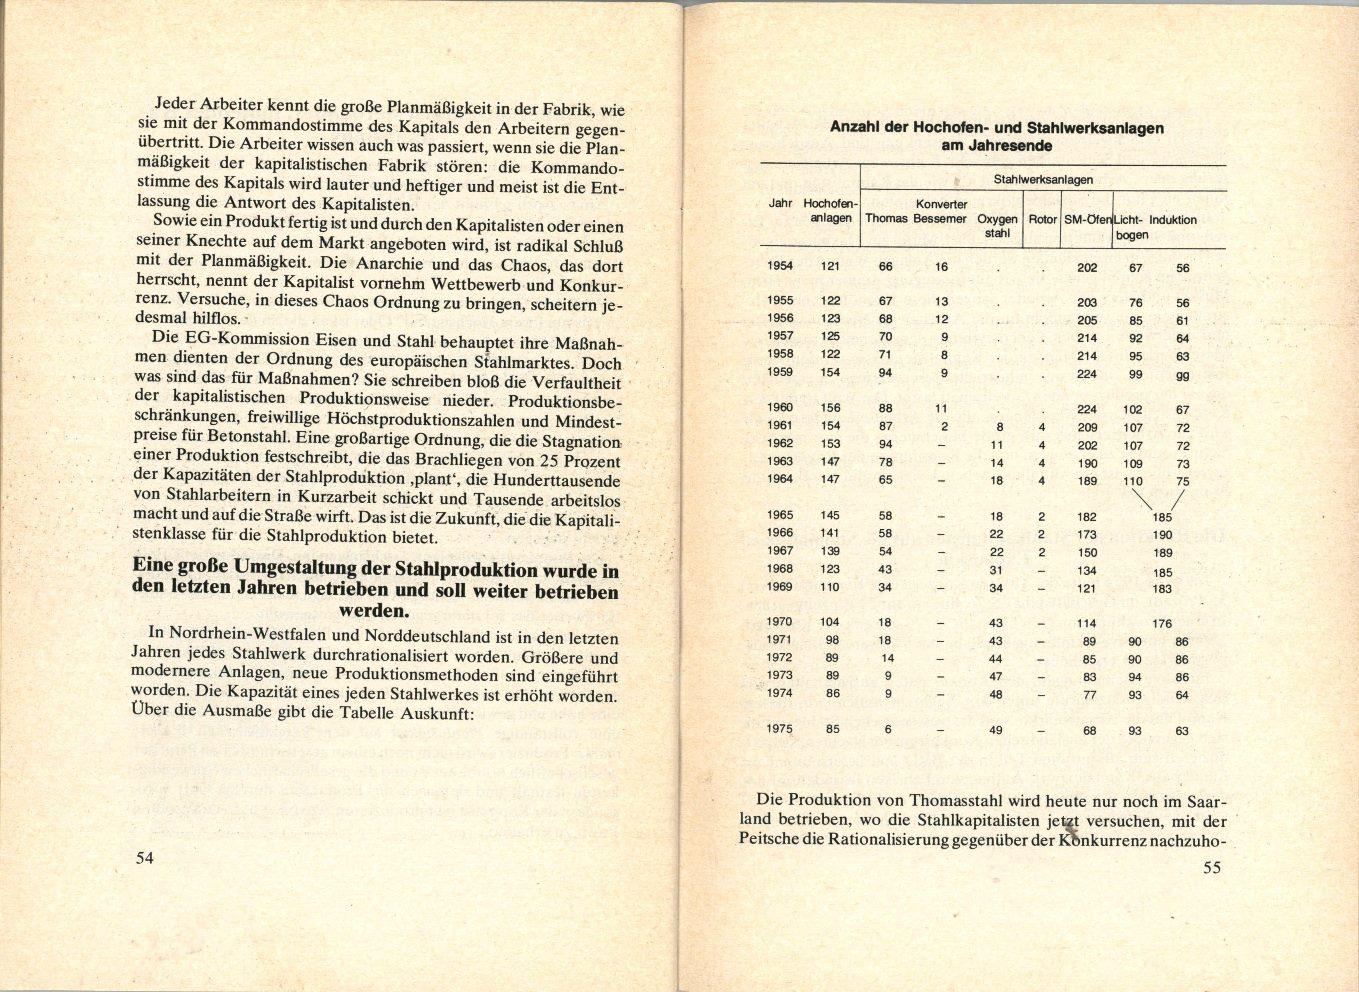 IGM_KBW_Krise_in_der_Stahlindustrie_1977_29